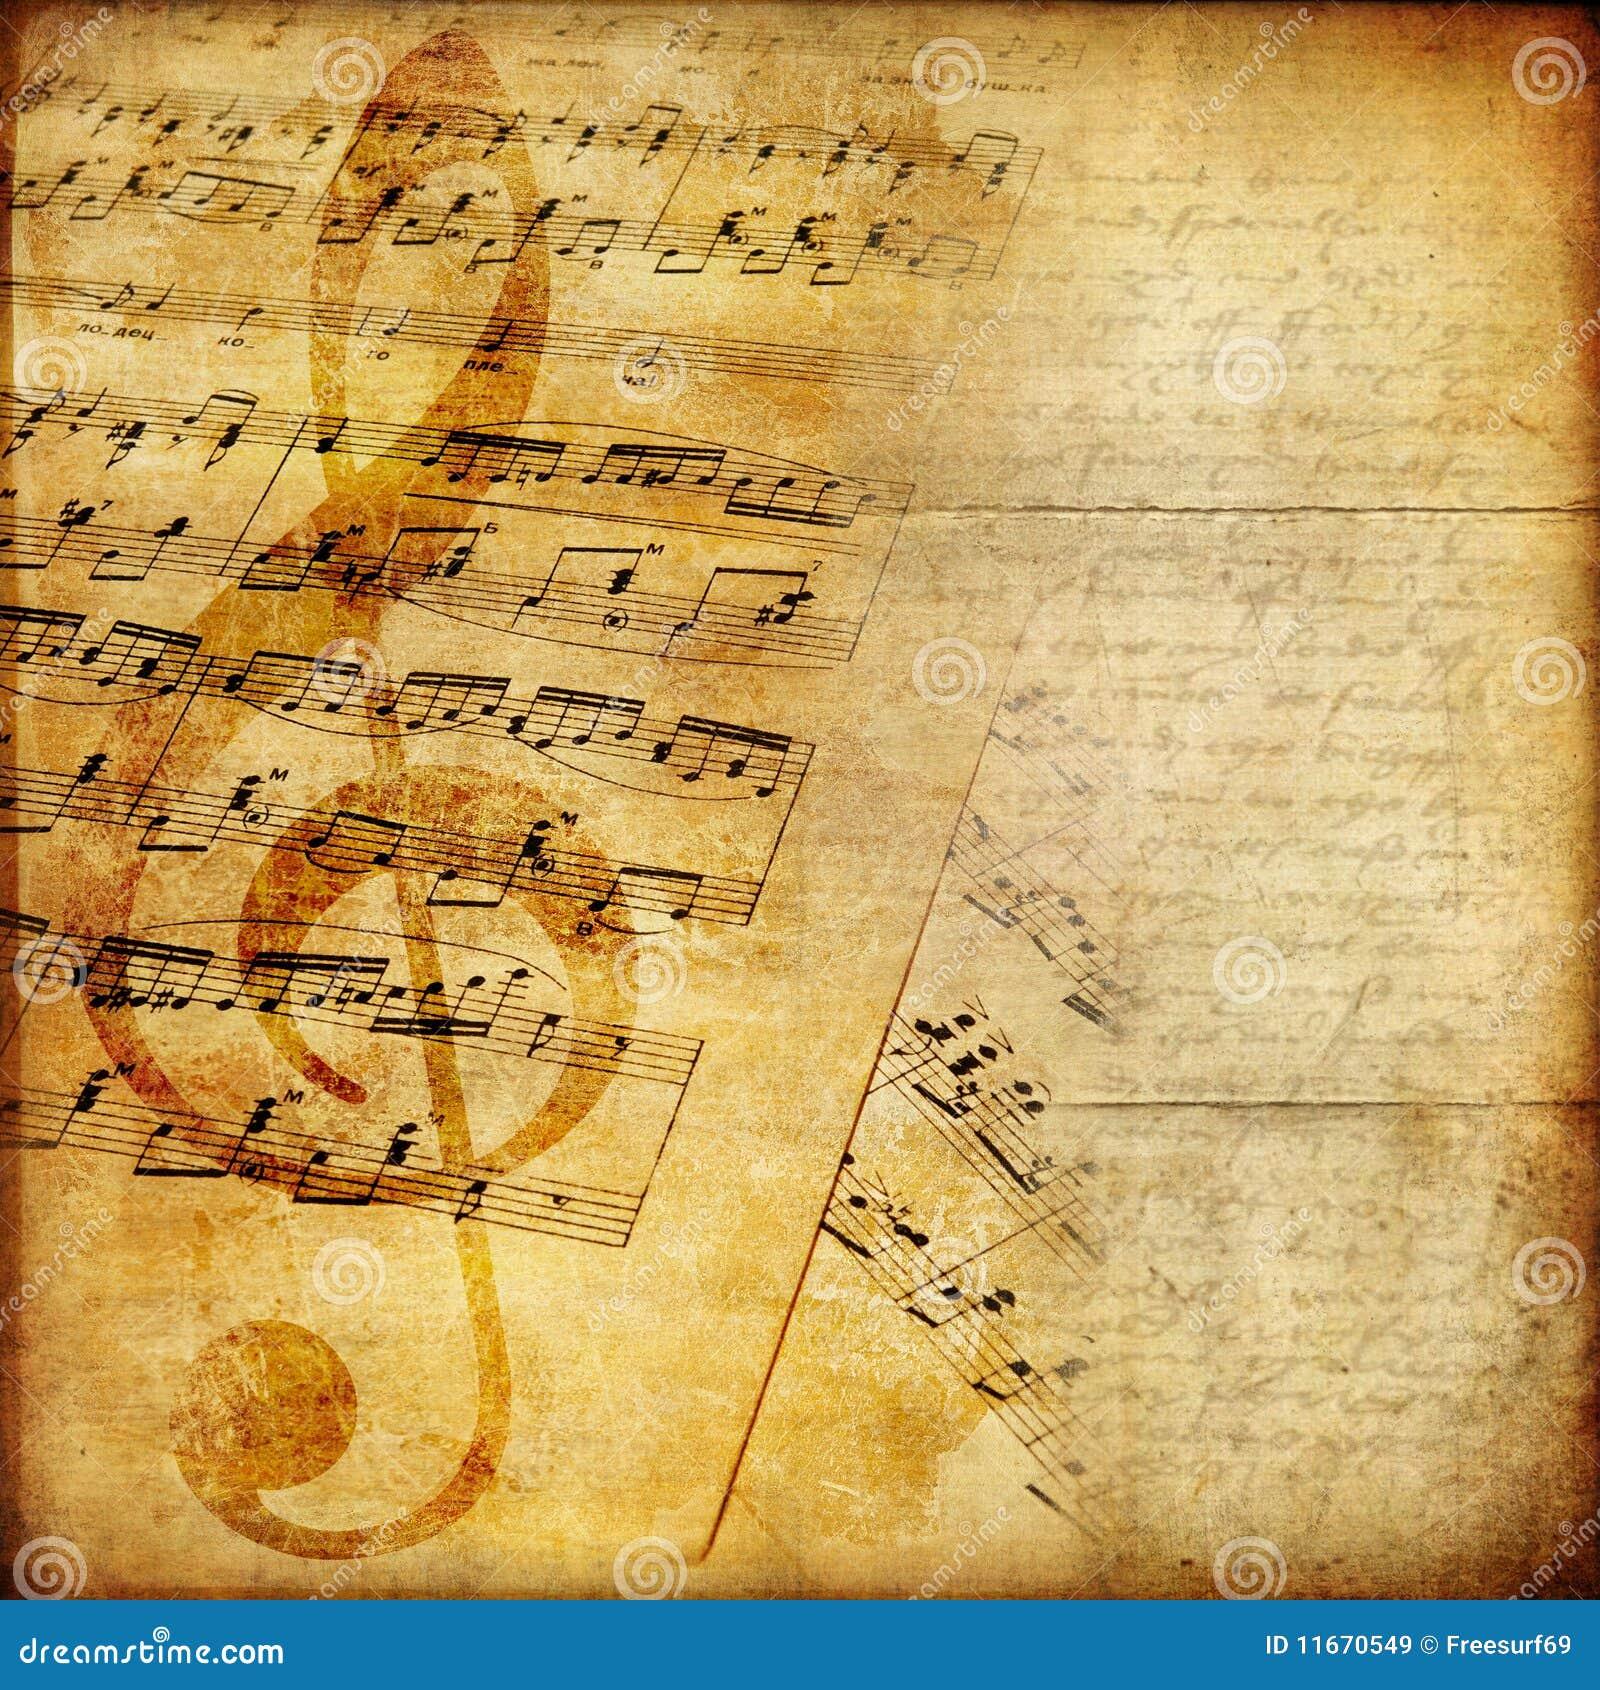 chicago musical essays